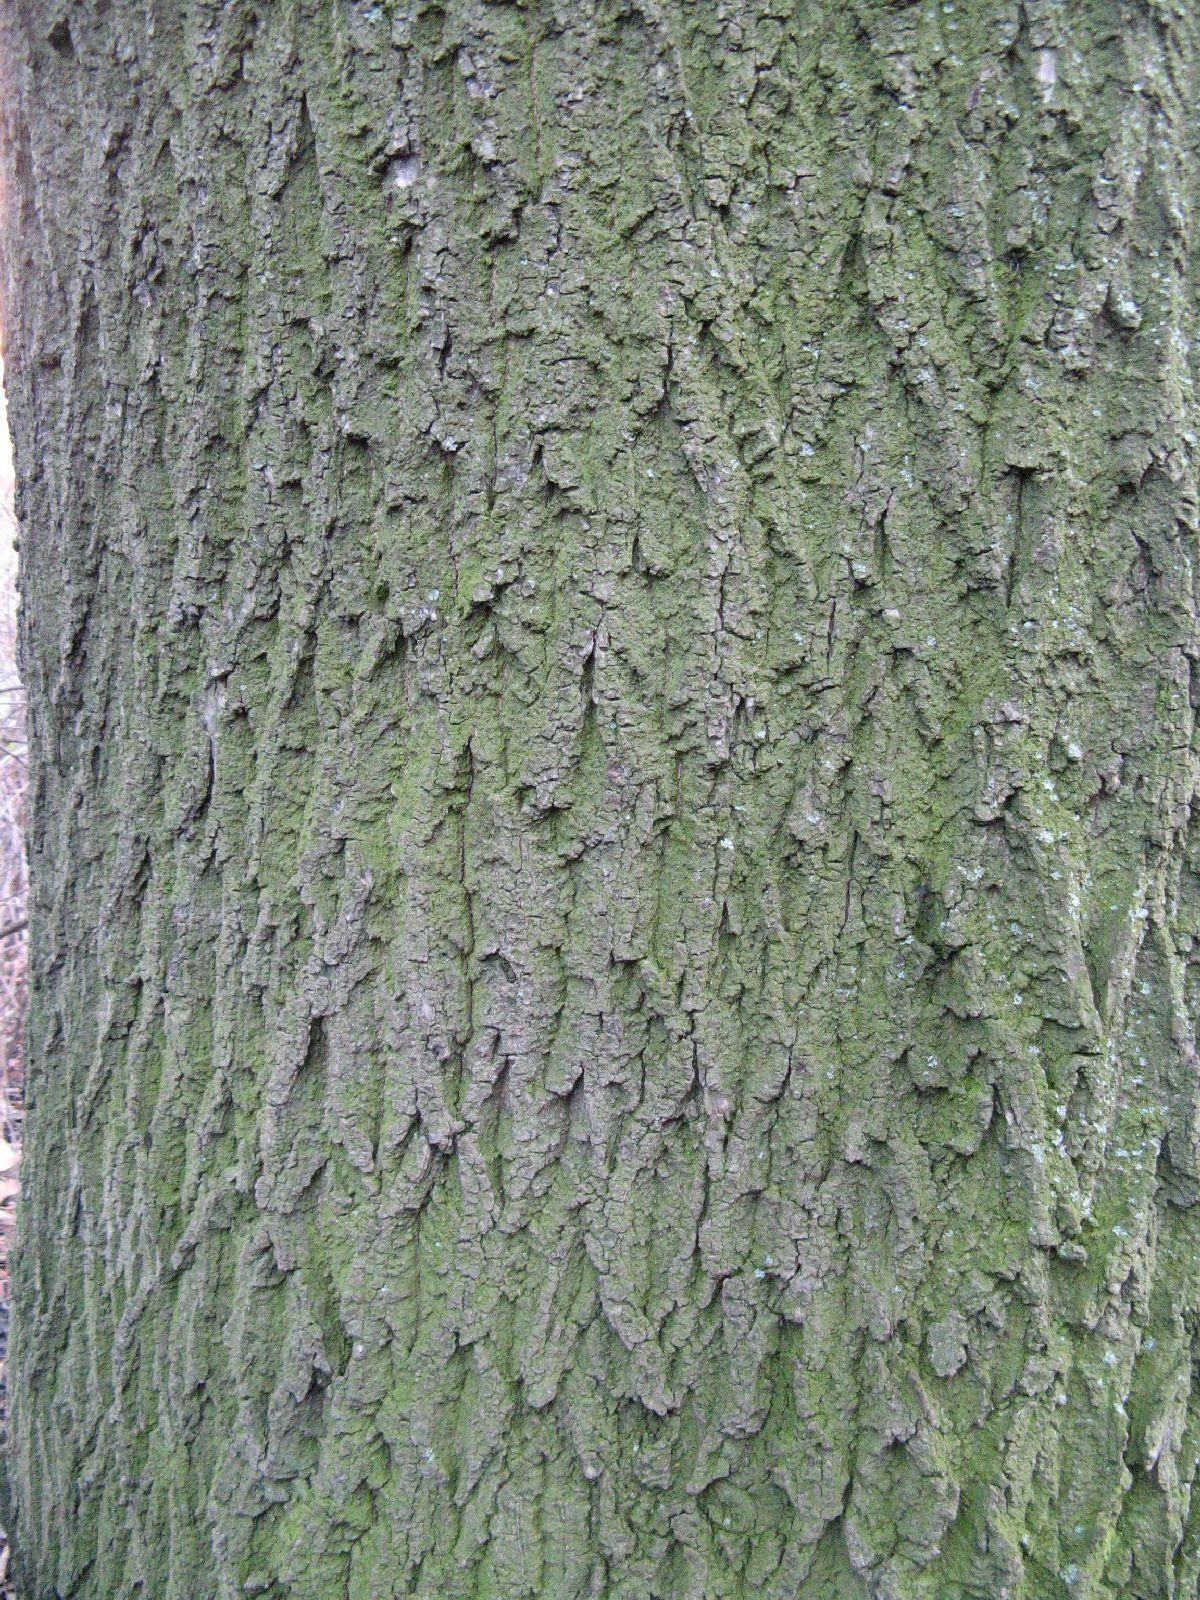 Baum-Rinde_Texturs_B_27970